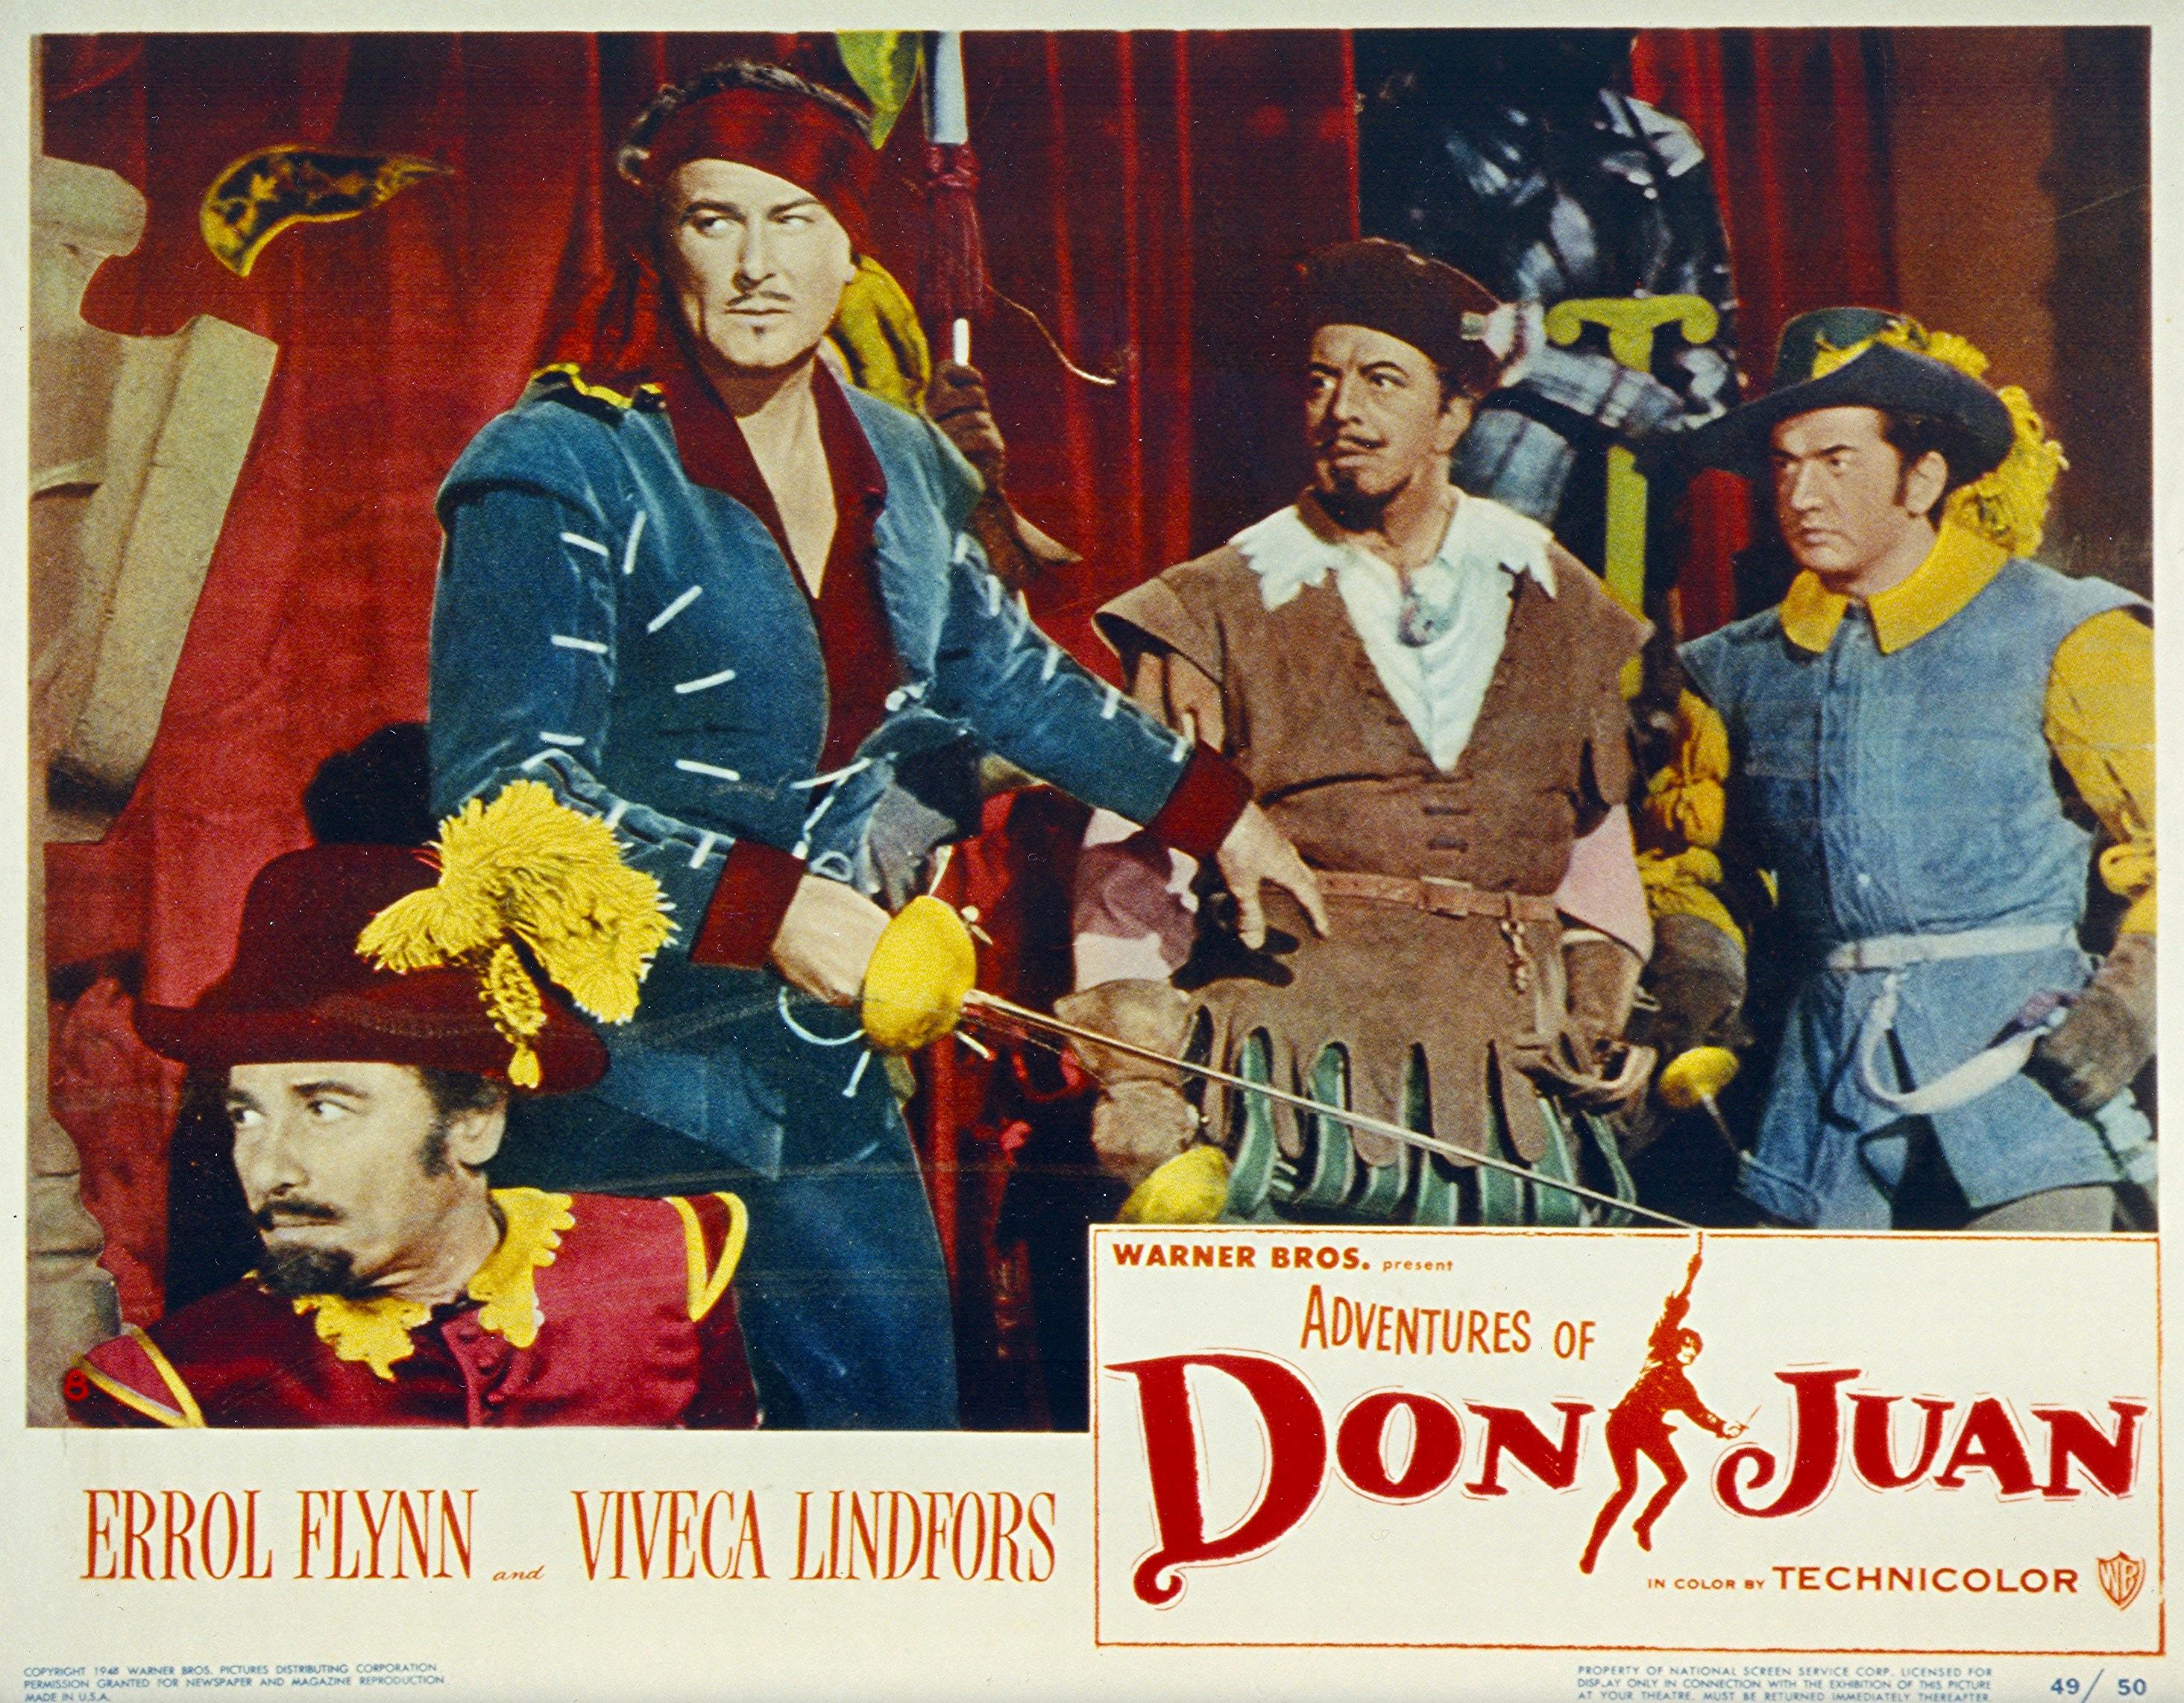 Tom S Films Of Errol Flynn Gallery 171 The Errol Flynn Blog